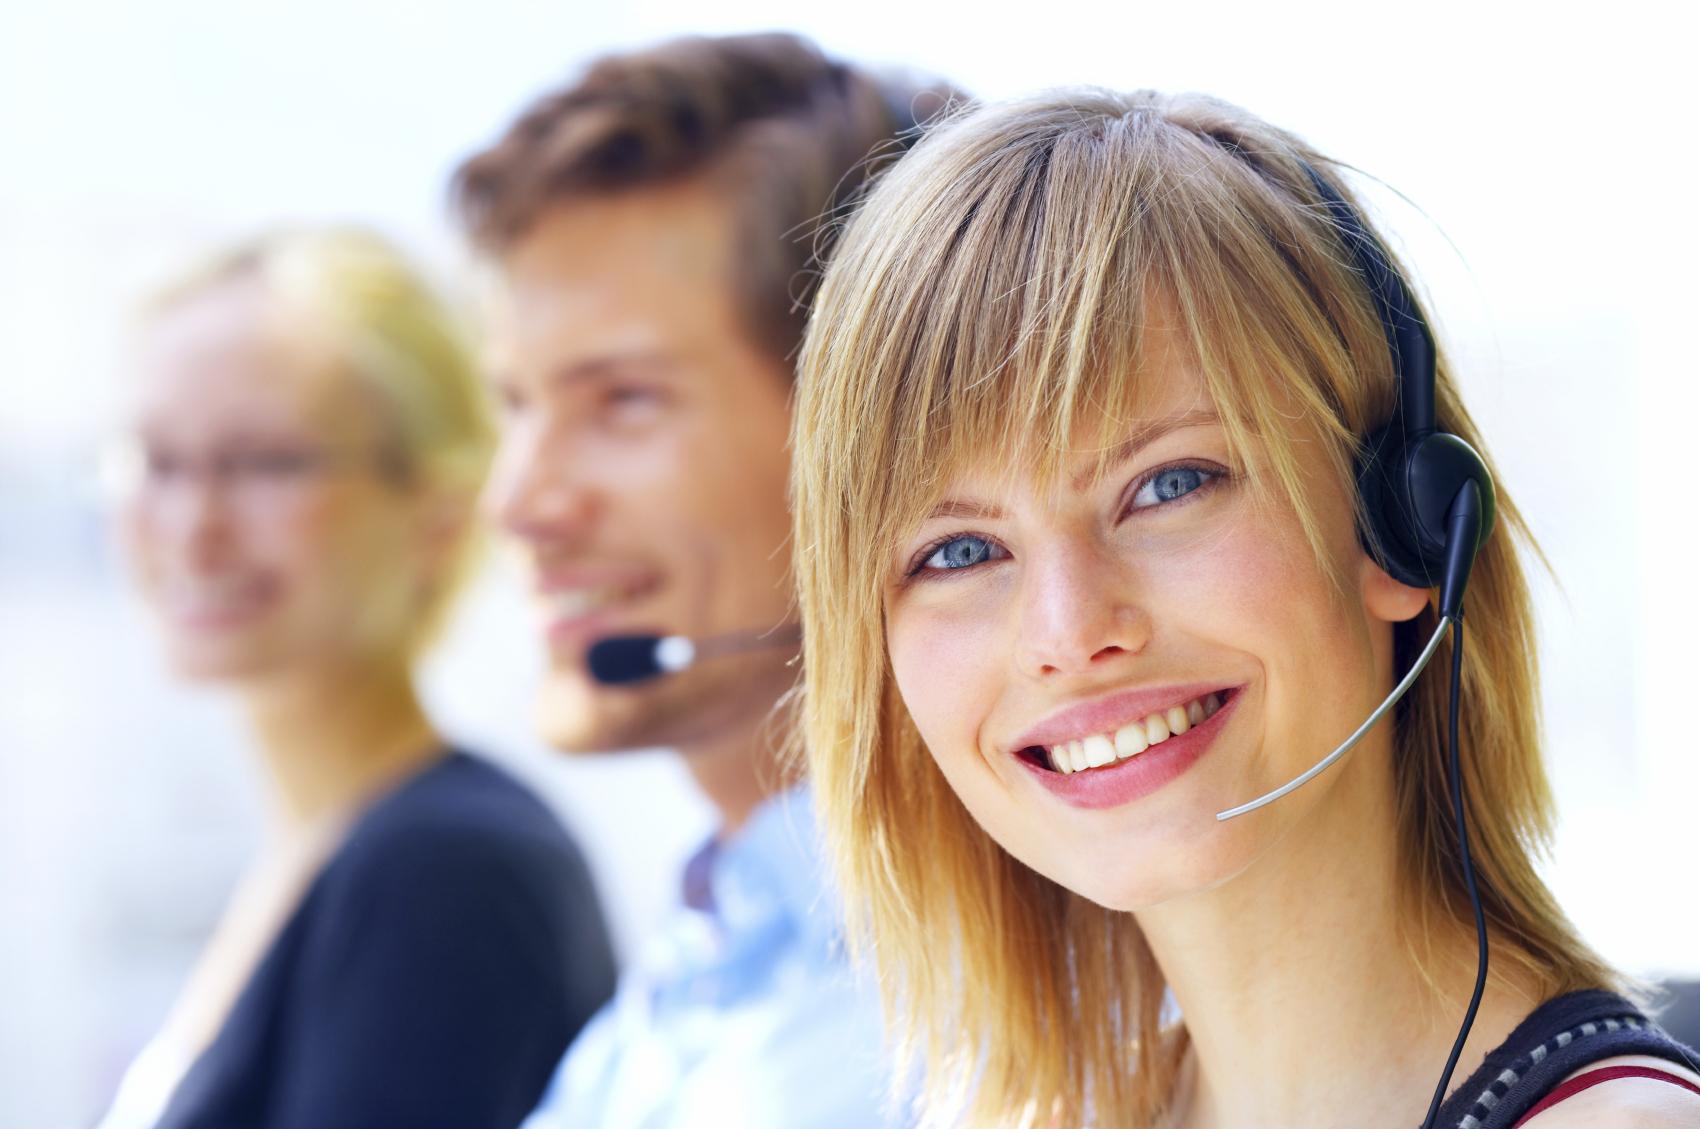 Rückruf, telefonische Beratung thyssenkrupp Plastics